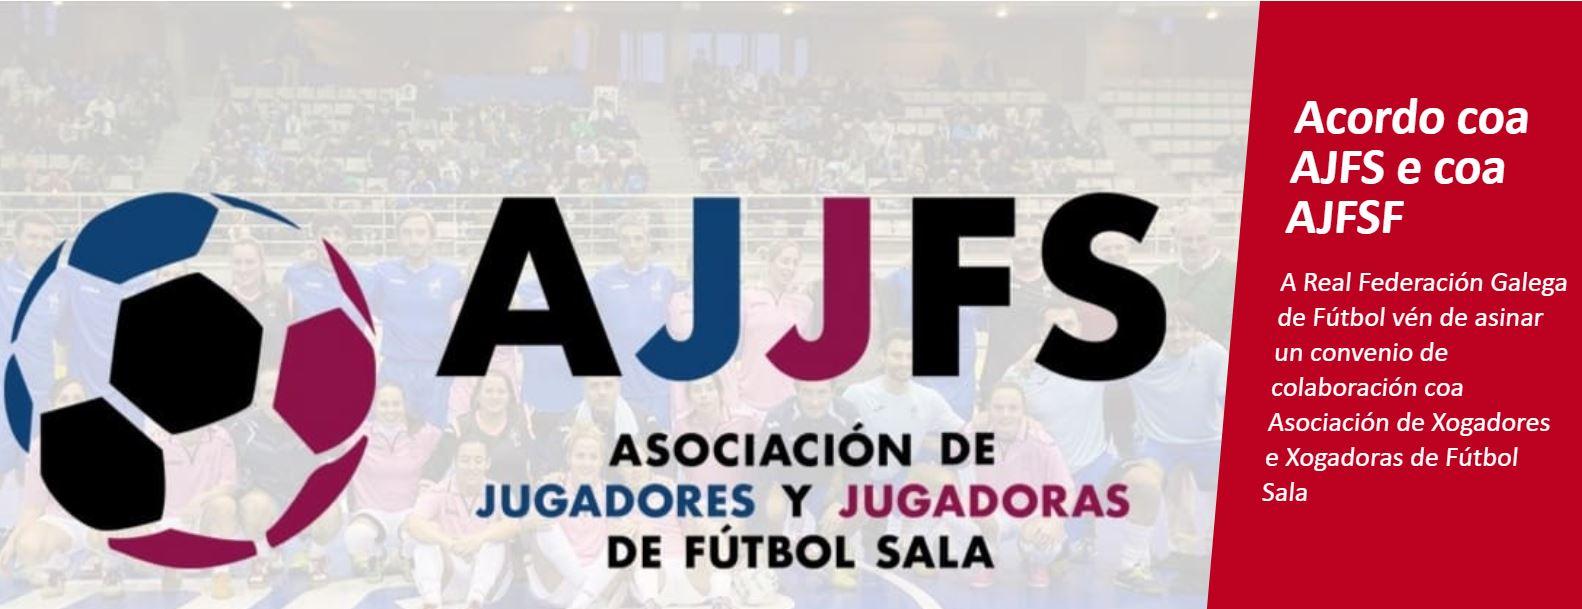 La Real Federación Galega de Fútbol sigue extendiendo lazos,  y firma un acuerdo con la AJFS y AJFSF